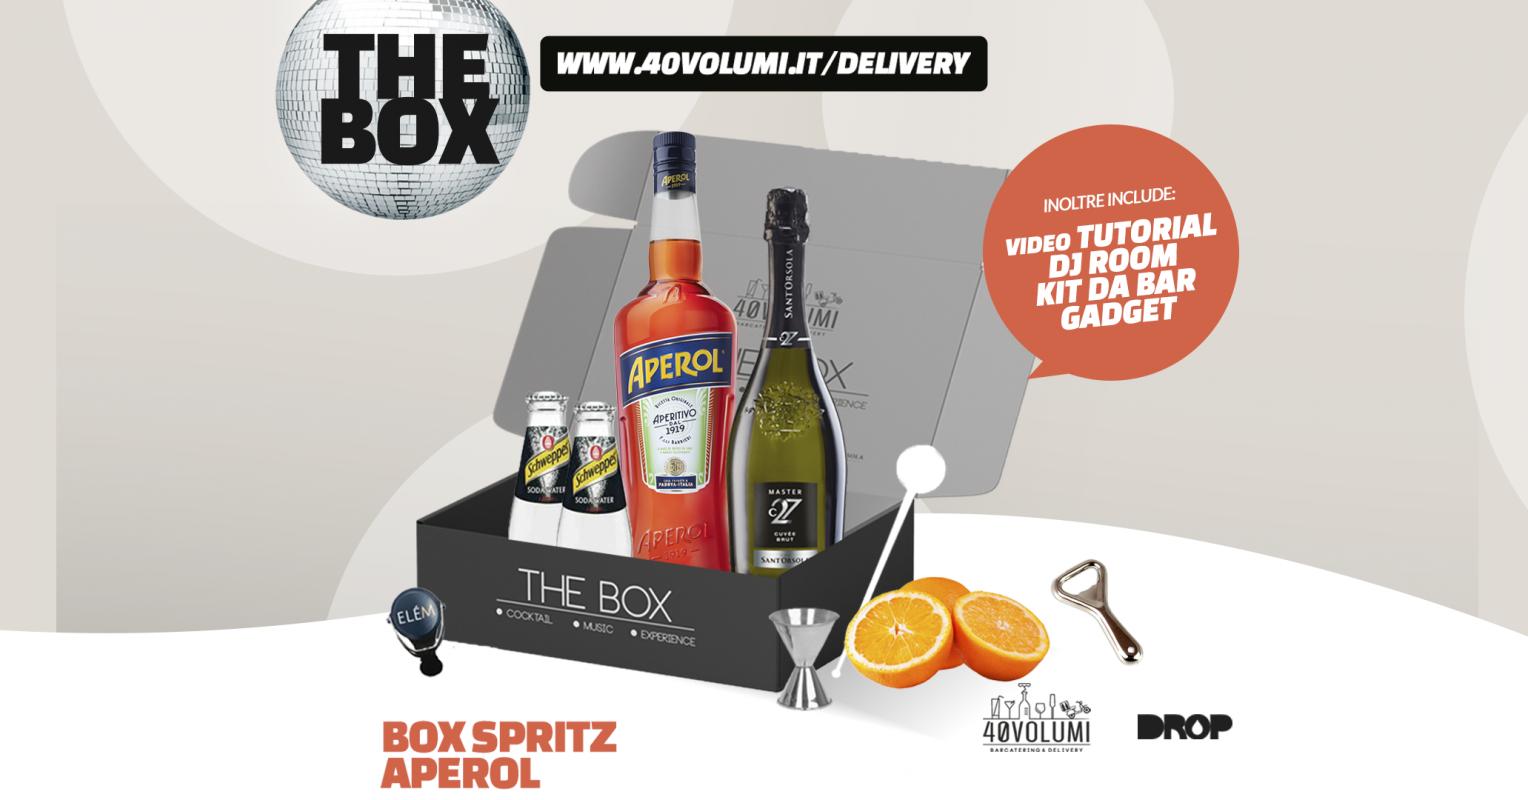 box spritz aperol per 40 volumi